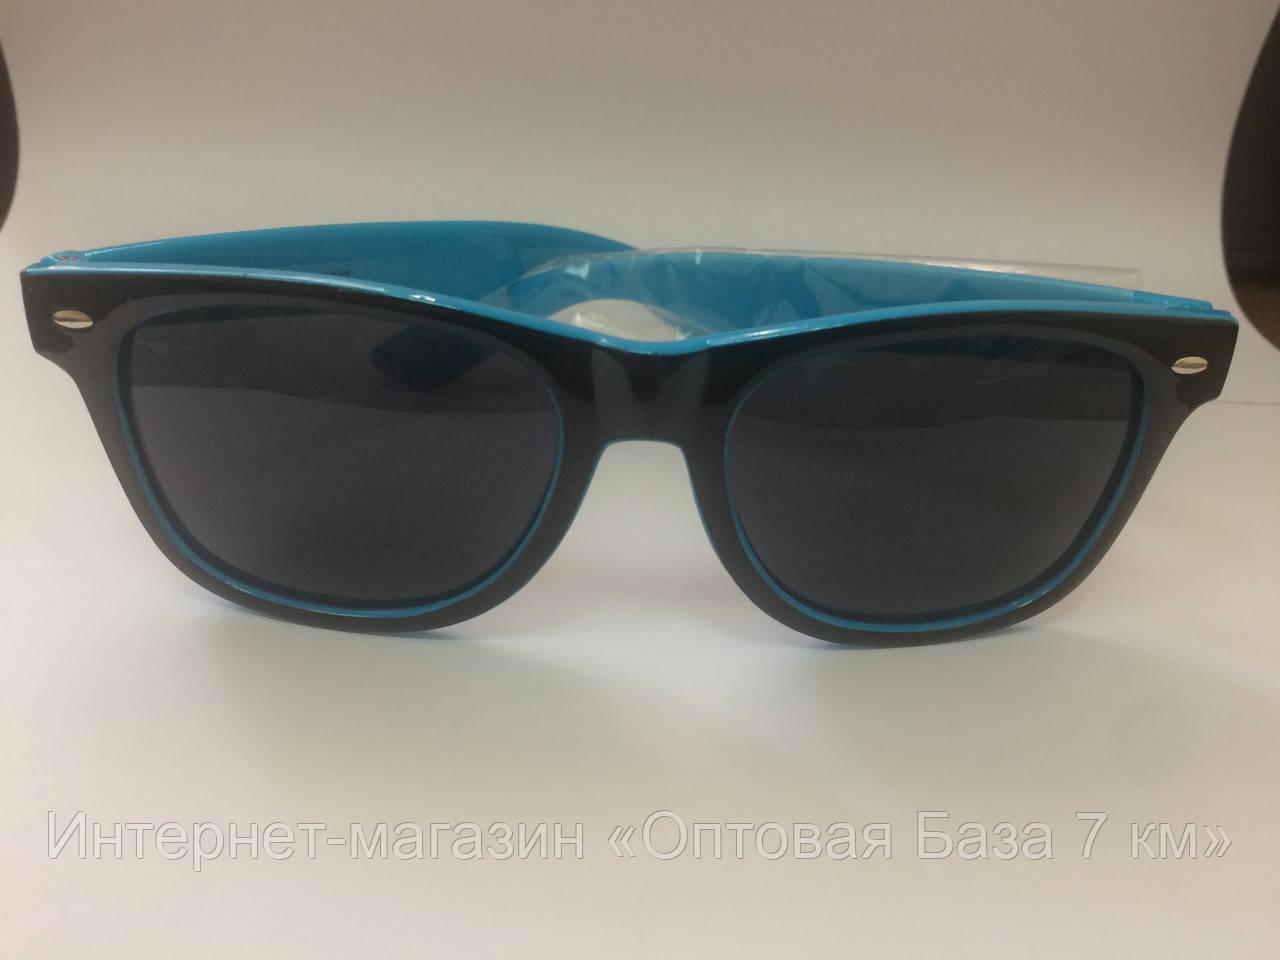 Солнцезащитные очки на подростка Kids — купить оптом в одессе 7км - Интернет -магазин « 1e9edda6024